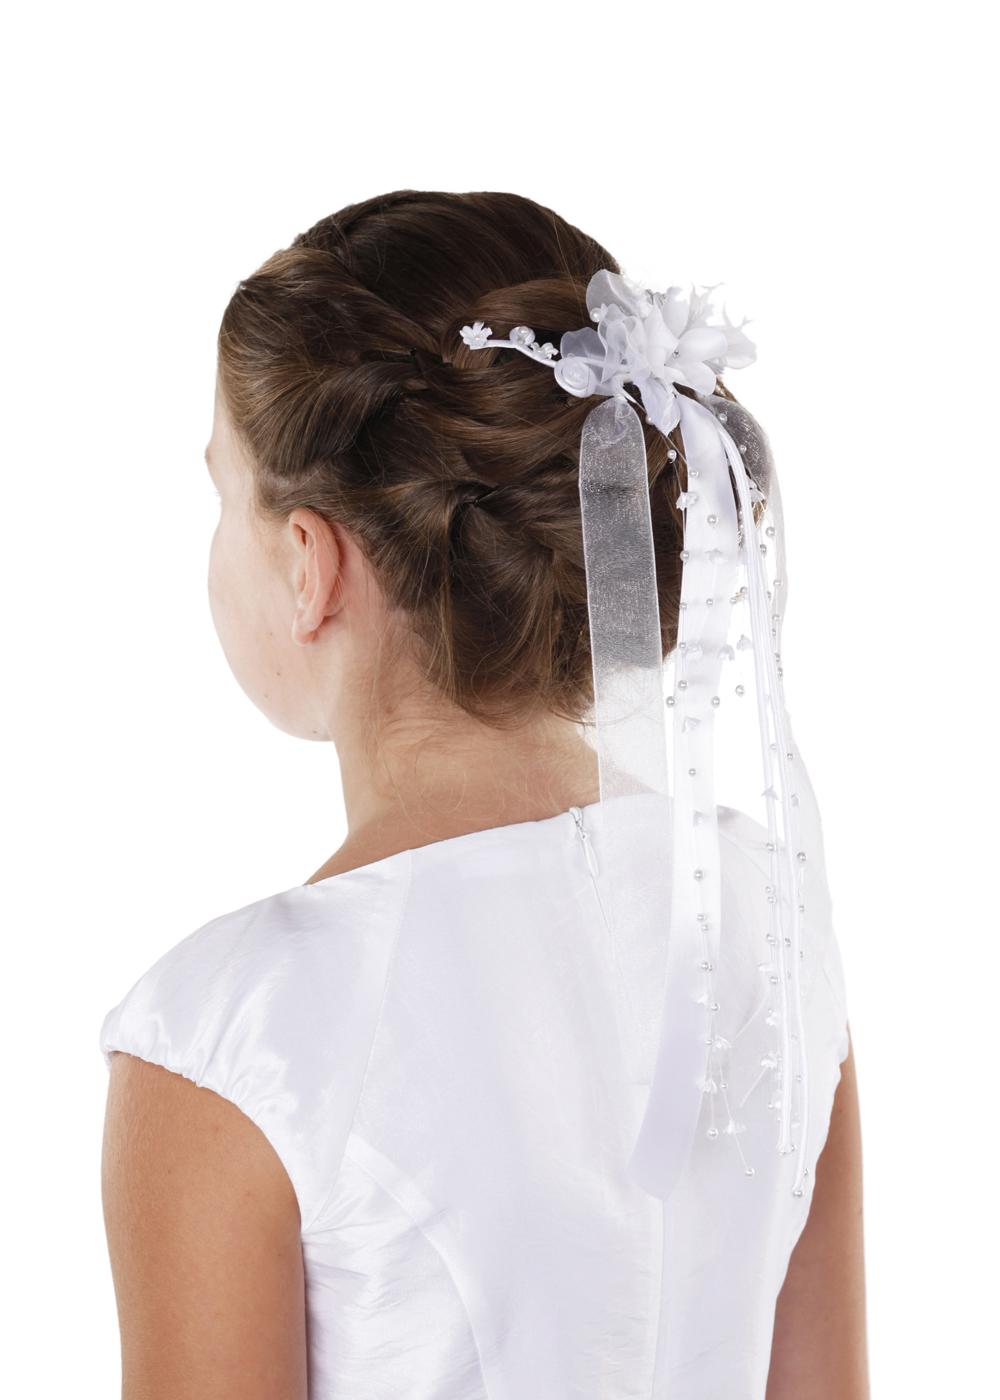 Kommunion Accessoires für Mädchen. Haarschmuck Modell  220247_mak_4c